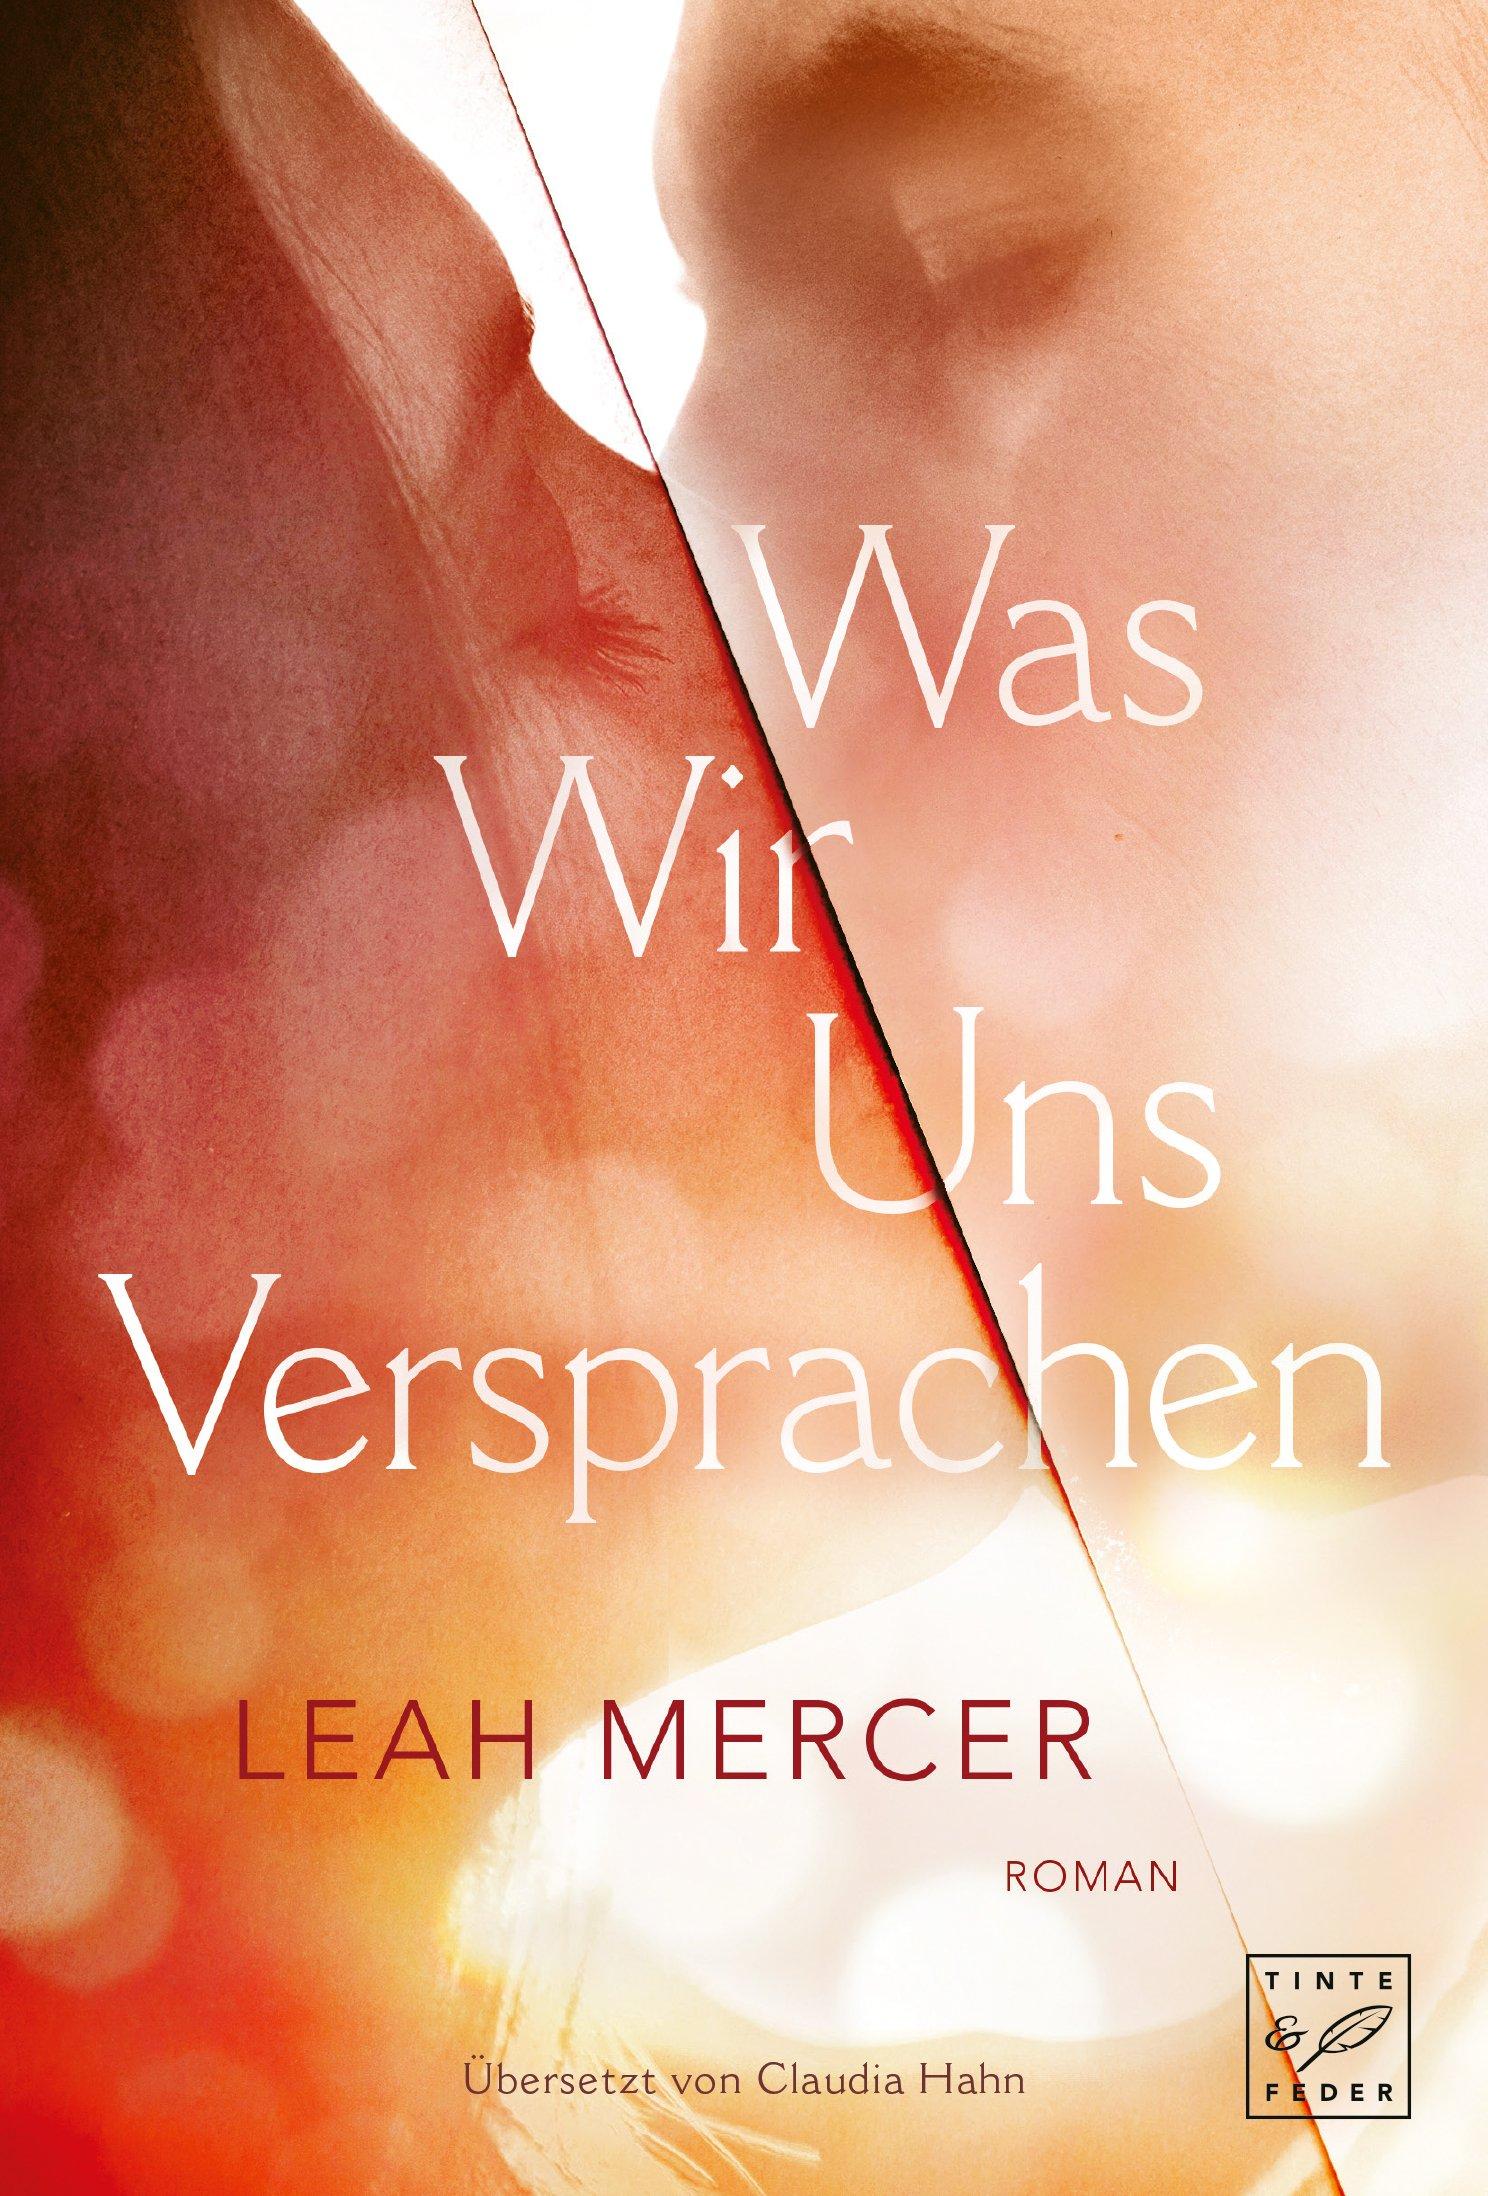 Was wir uns versprachen Taschenbuch – 11. September 2018 Leah Mercer Claudia Hahn Tinte & Feder 2919800299